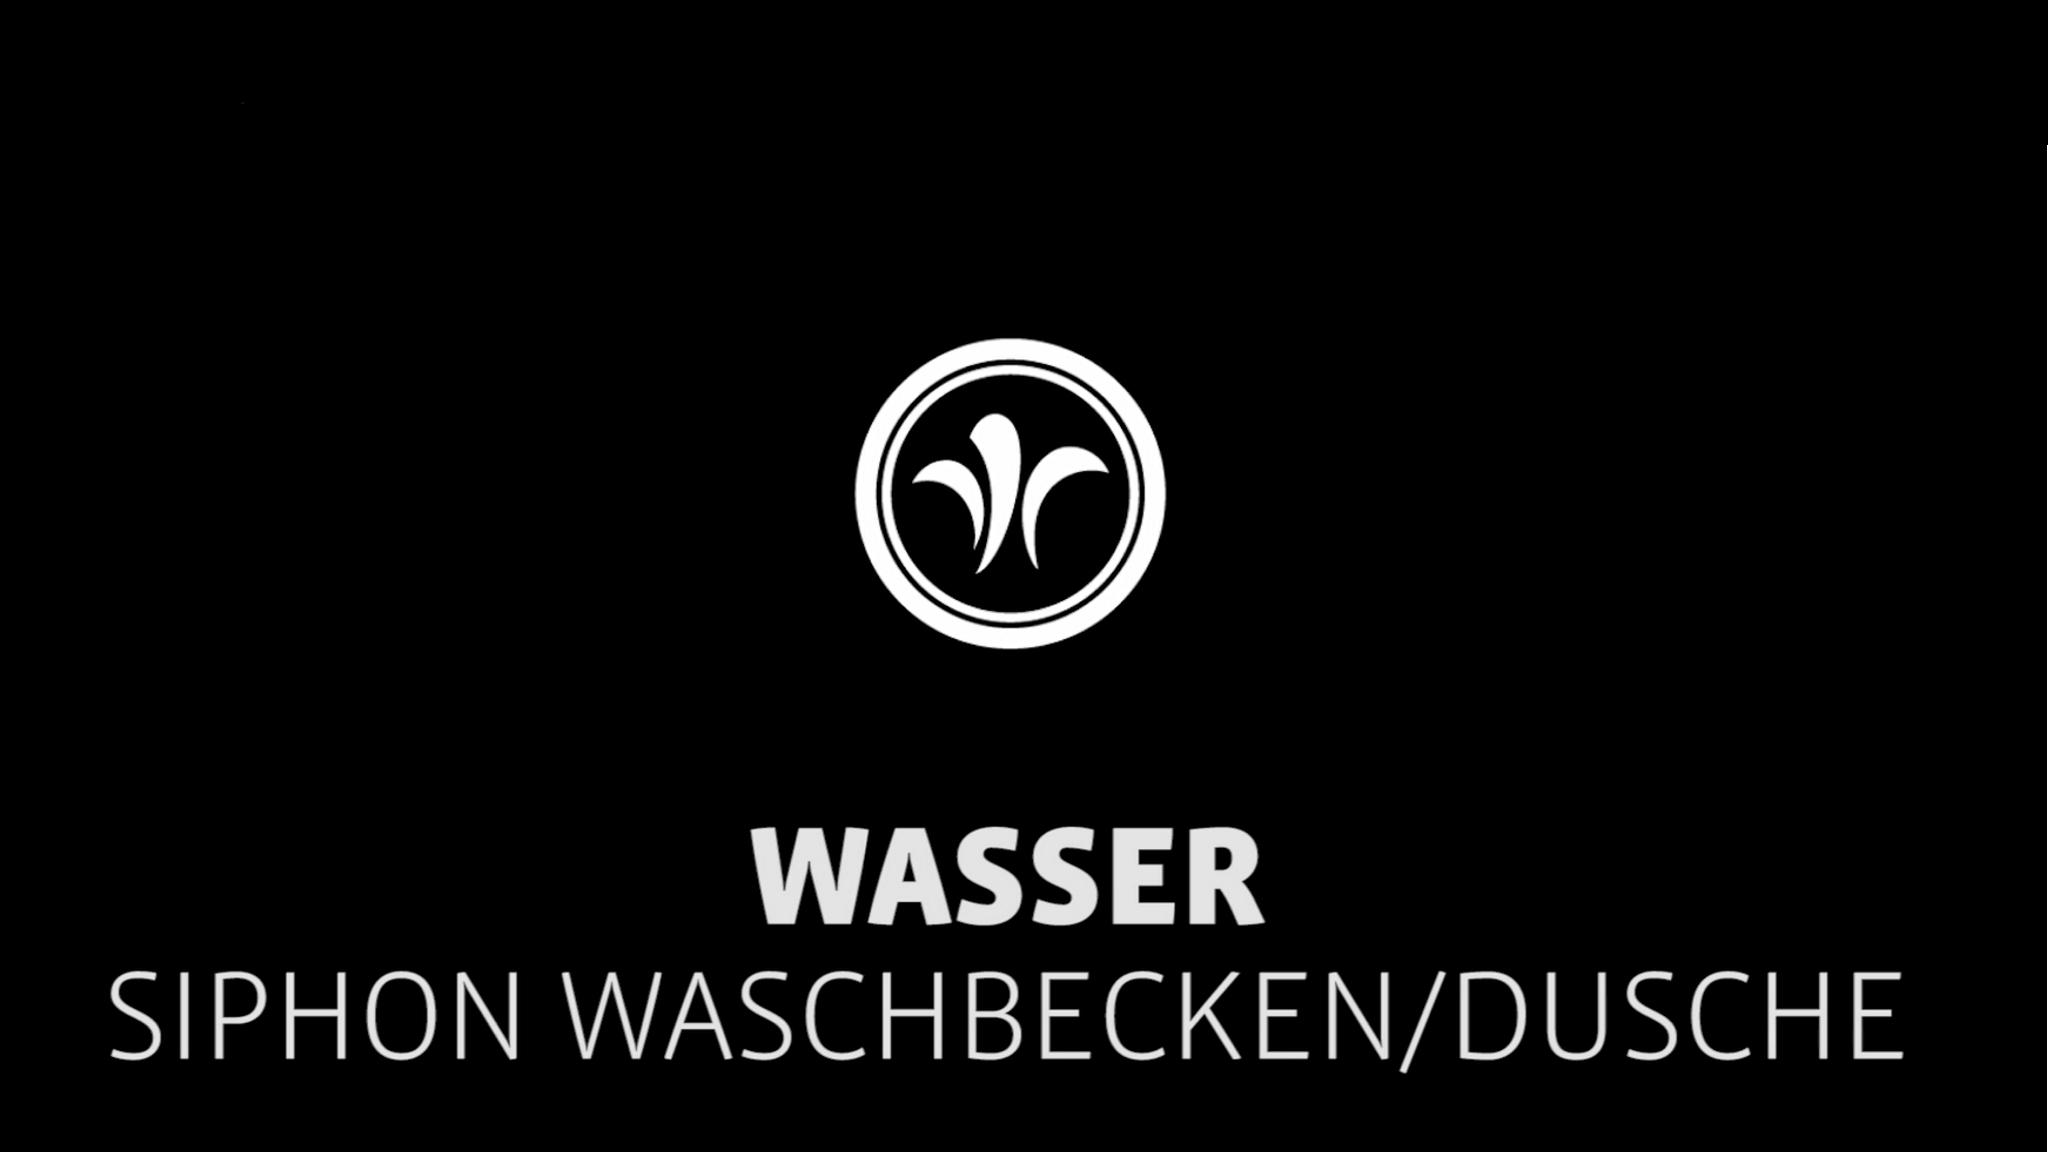 Wohnmobil Siphon // Niesmann+Bischoff – Luxus Wohnmobil (Modell FLAIR) // 2019 // WA4